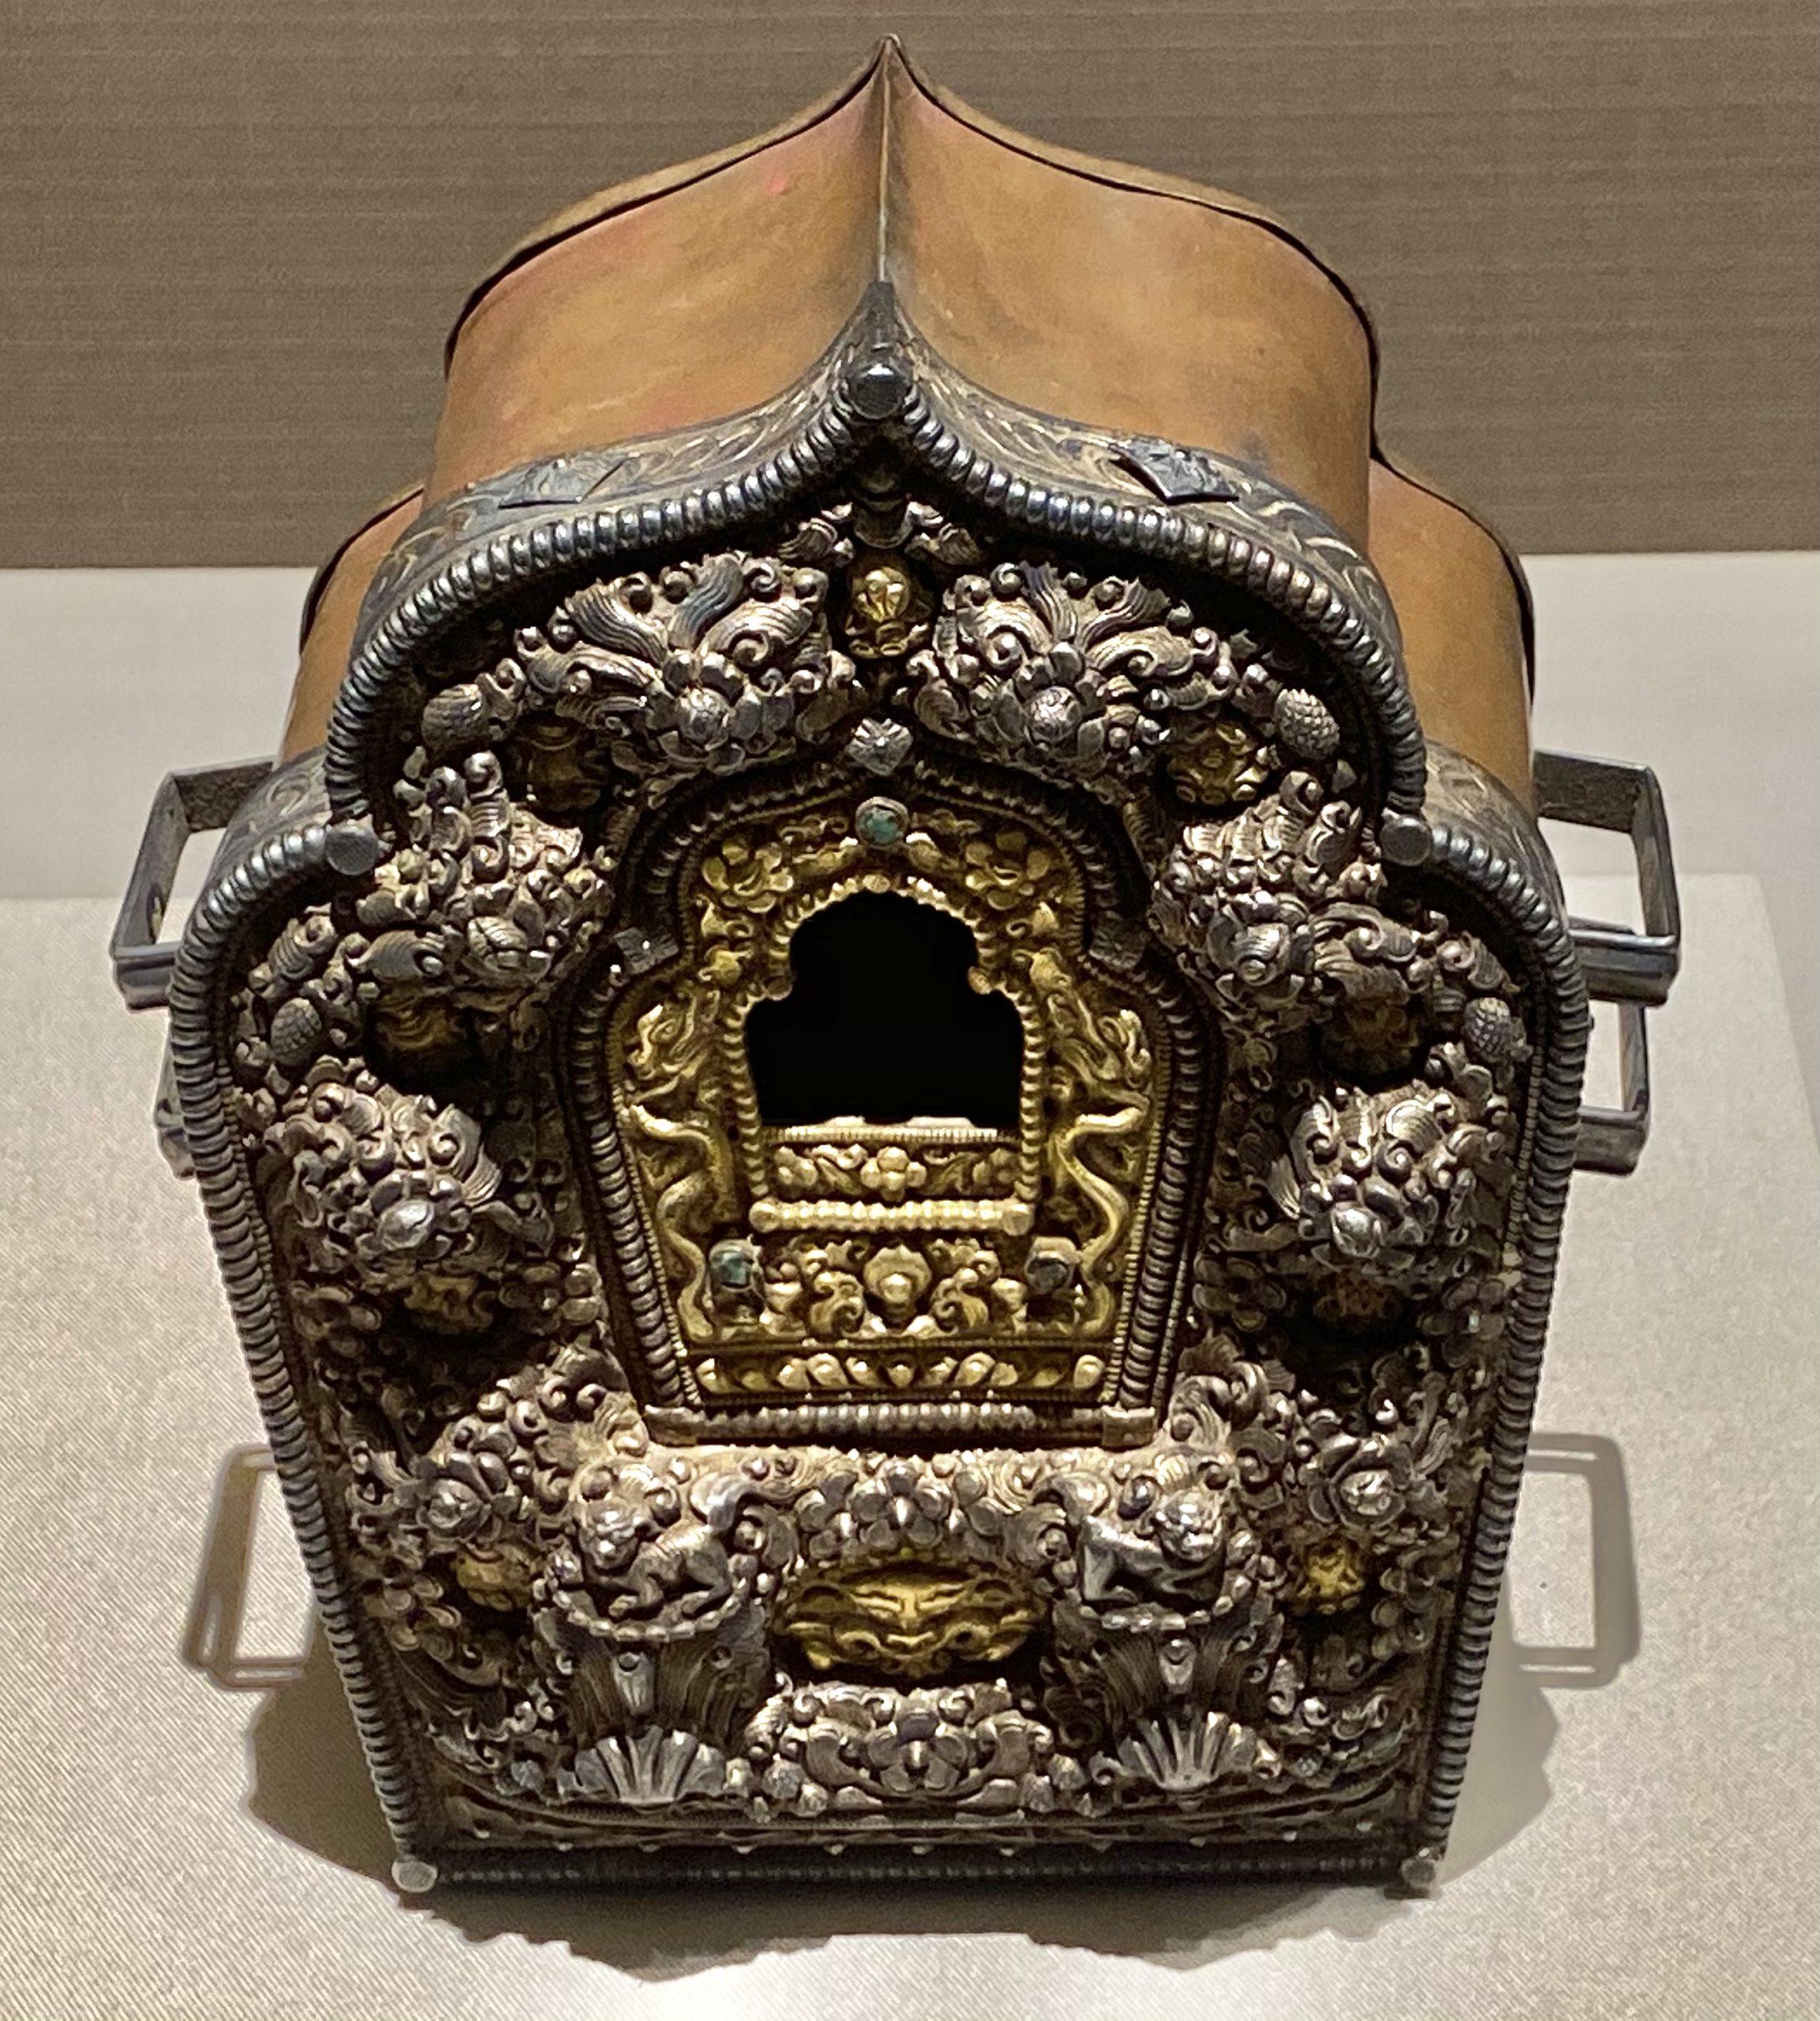 堆花双龍呷嗚盒-近代-巡回特別展【天歌長歌-唐蕃古道】-四川博物館